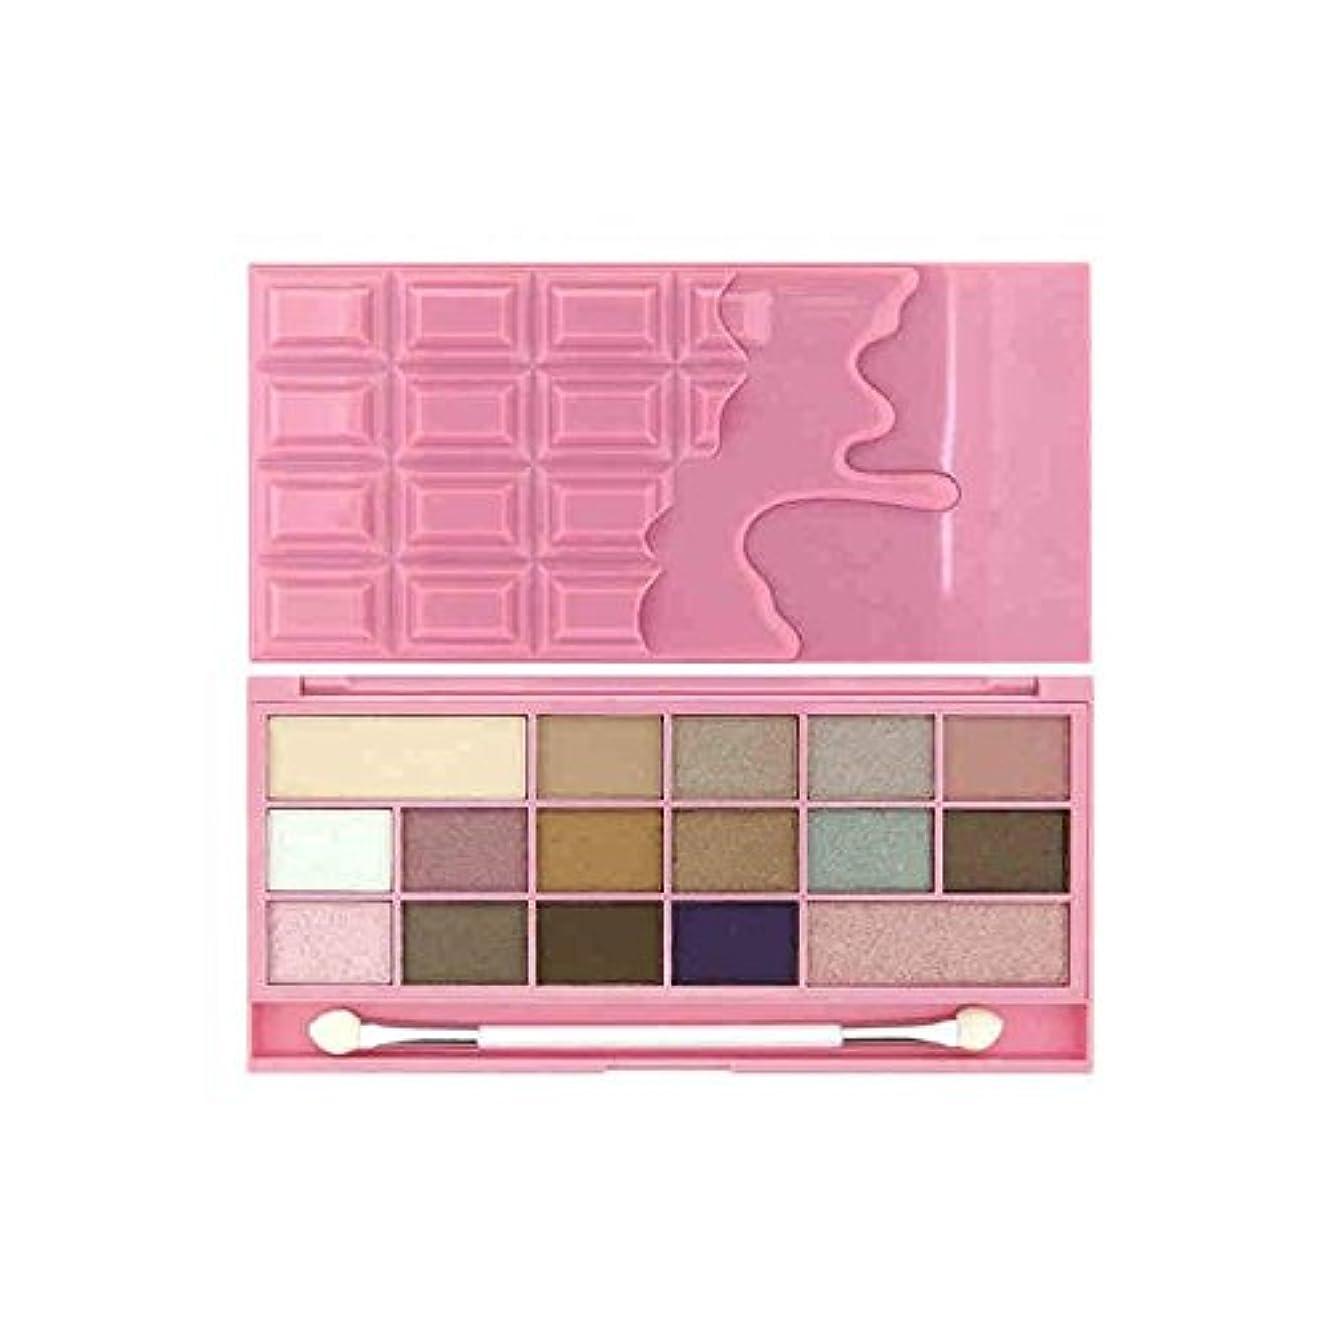 泳ぐ狂ったパンフレット私は心のチョコレートアイシャドウピンクのフィズ x2 - I Heart Chocolate Eye Shadow Pink Fizz (Pack of 2) [並行輸入品]